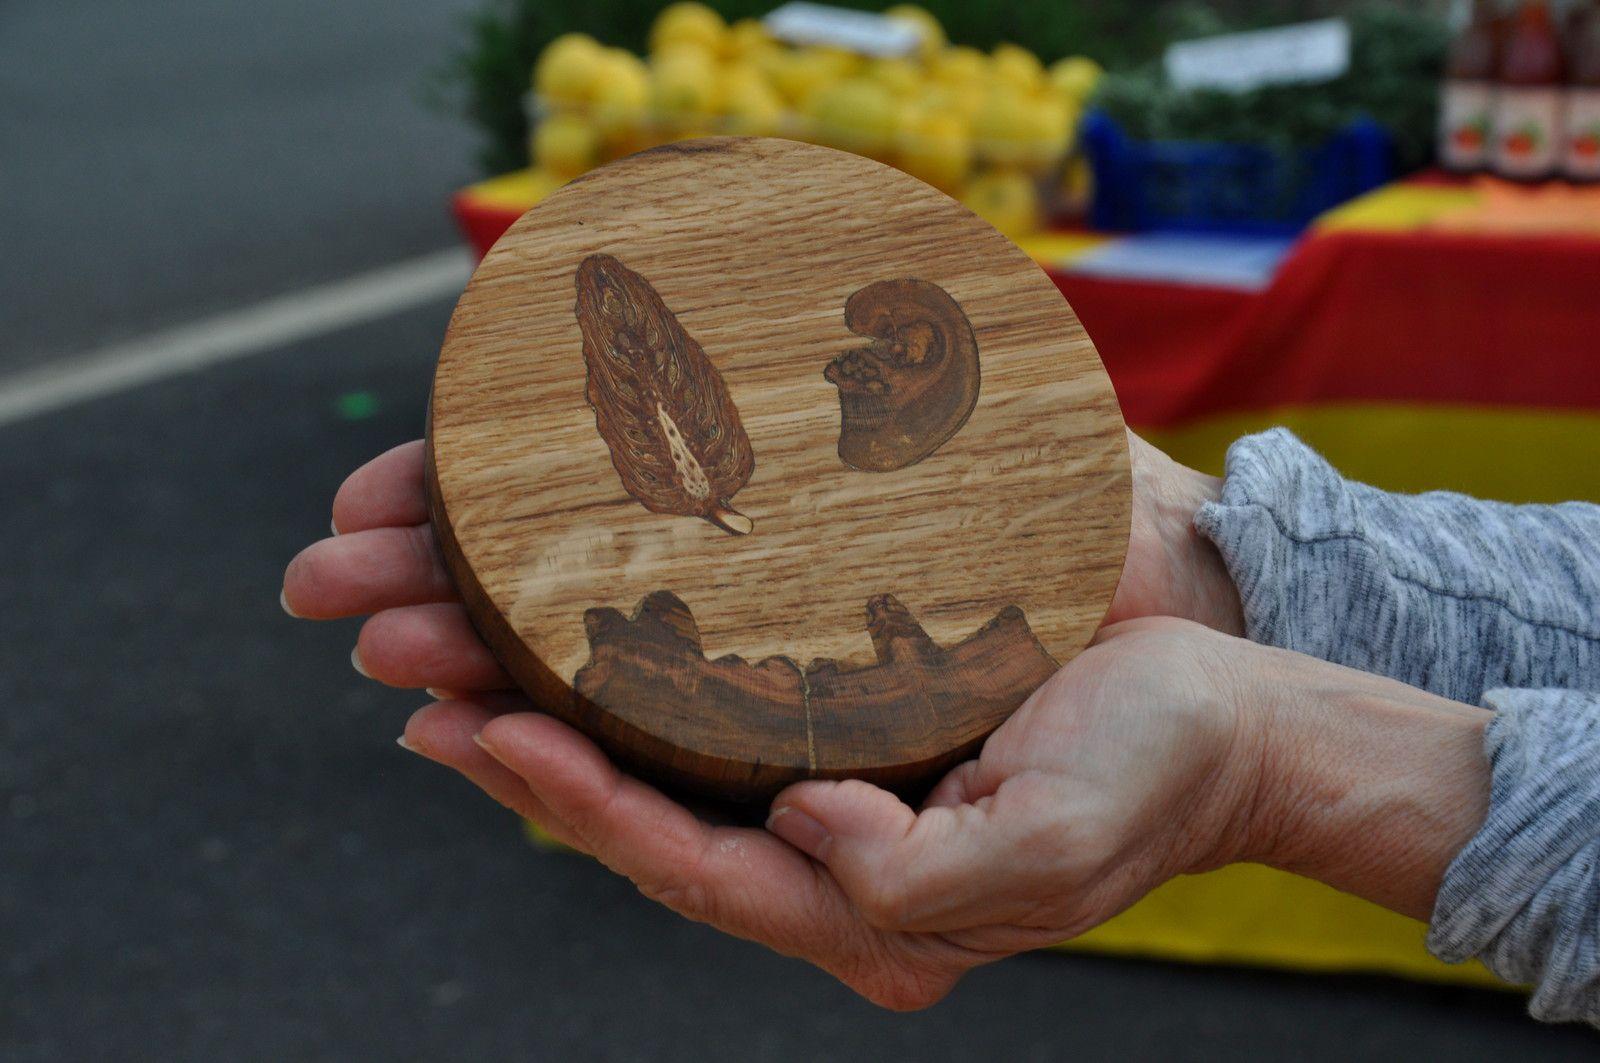 L'artisanat d'art avec la pièce de Quéribus qui change de main